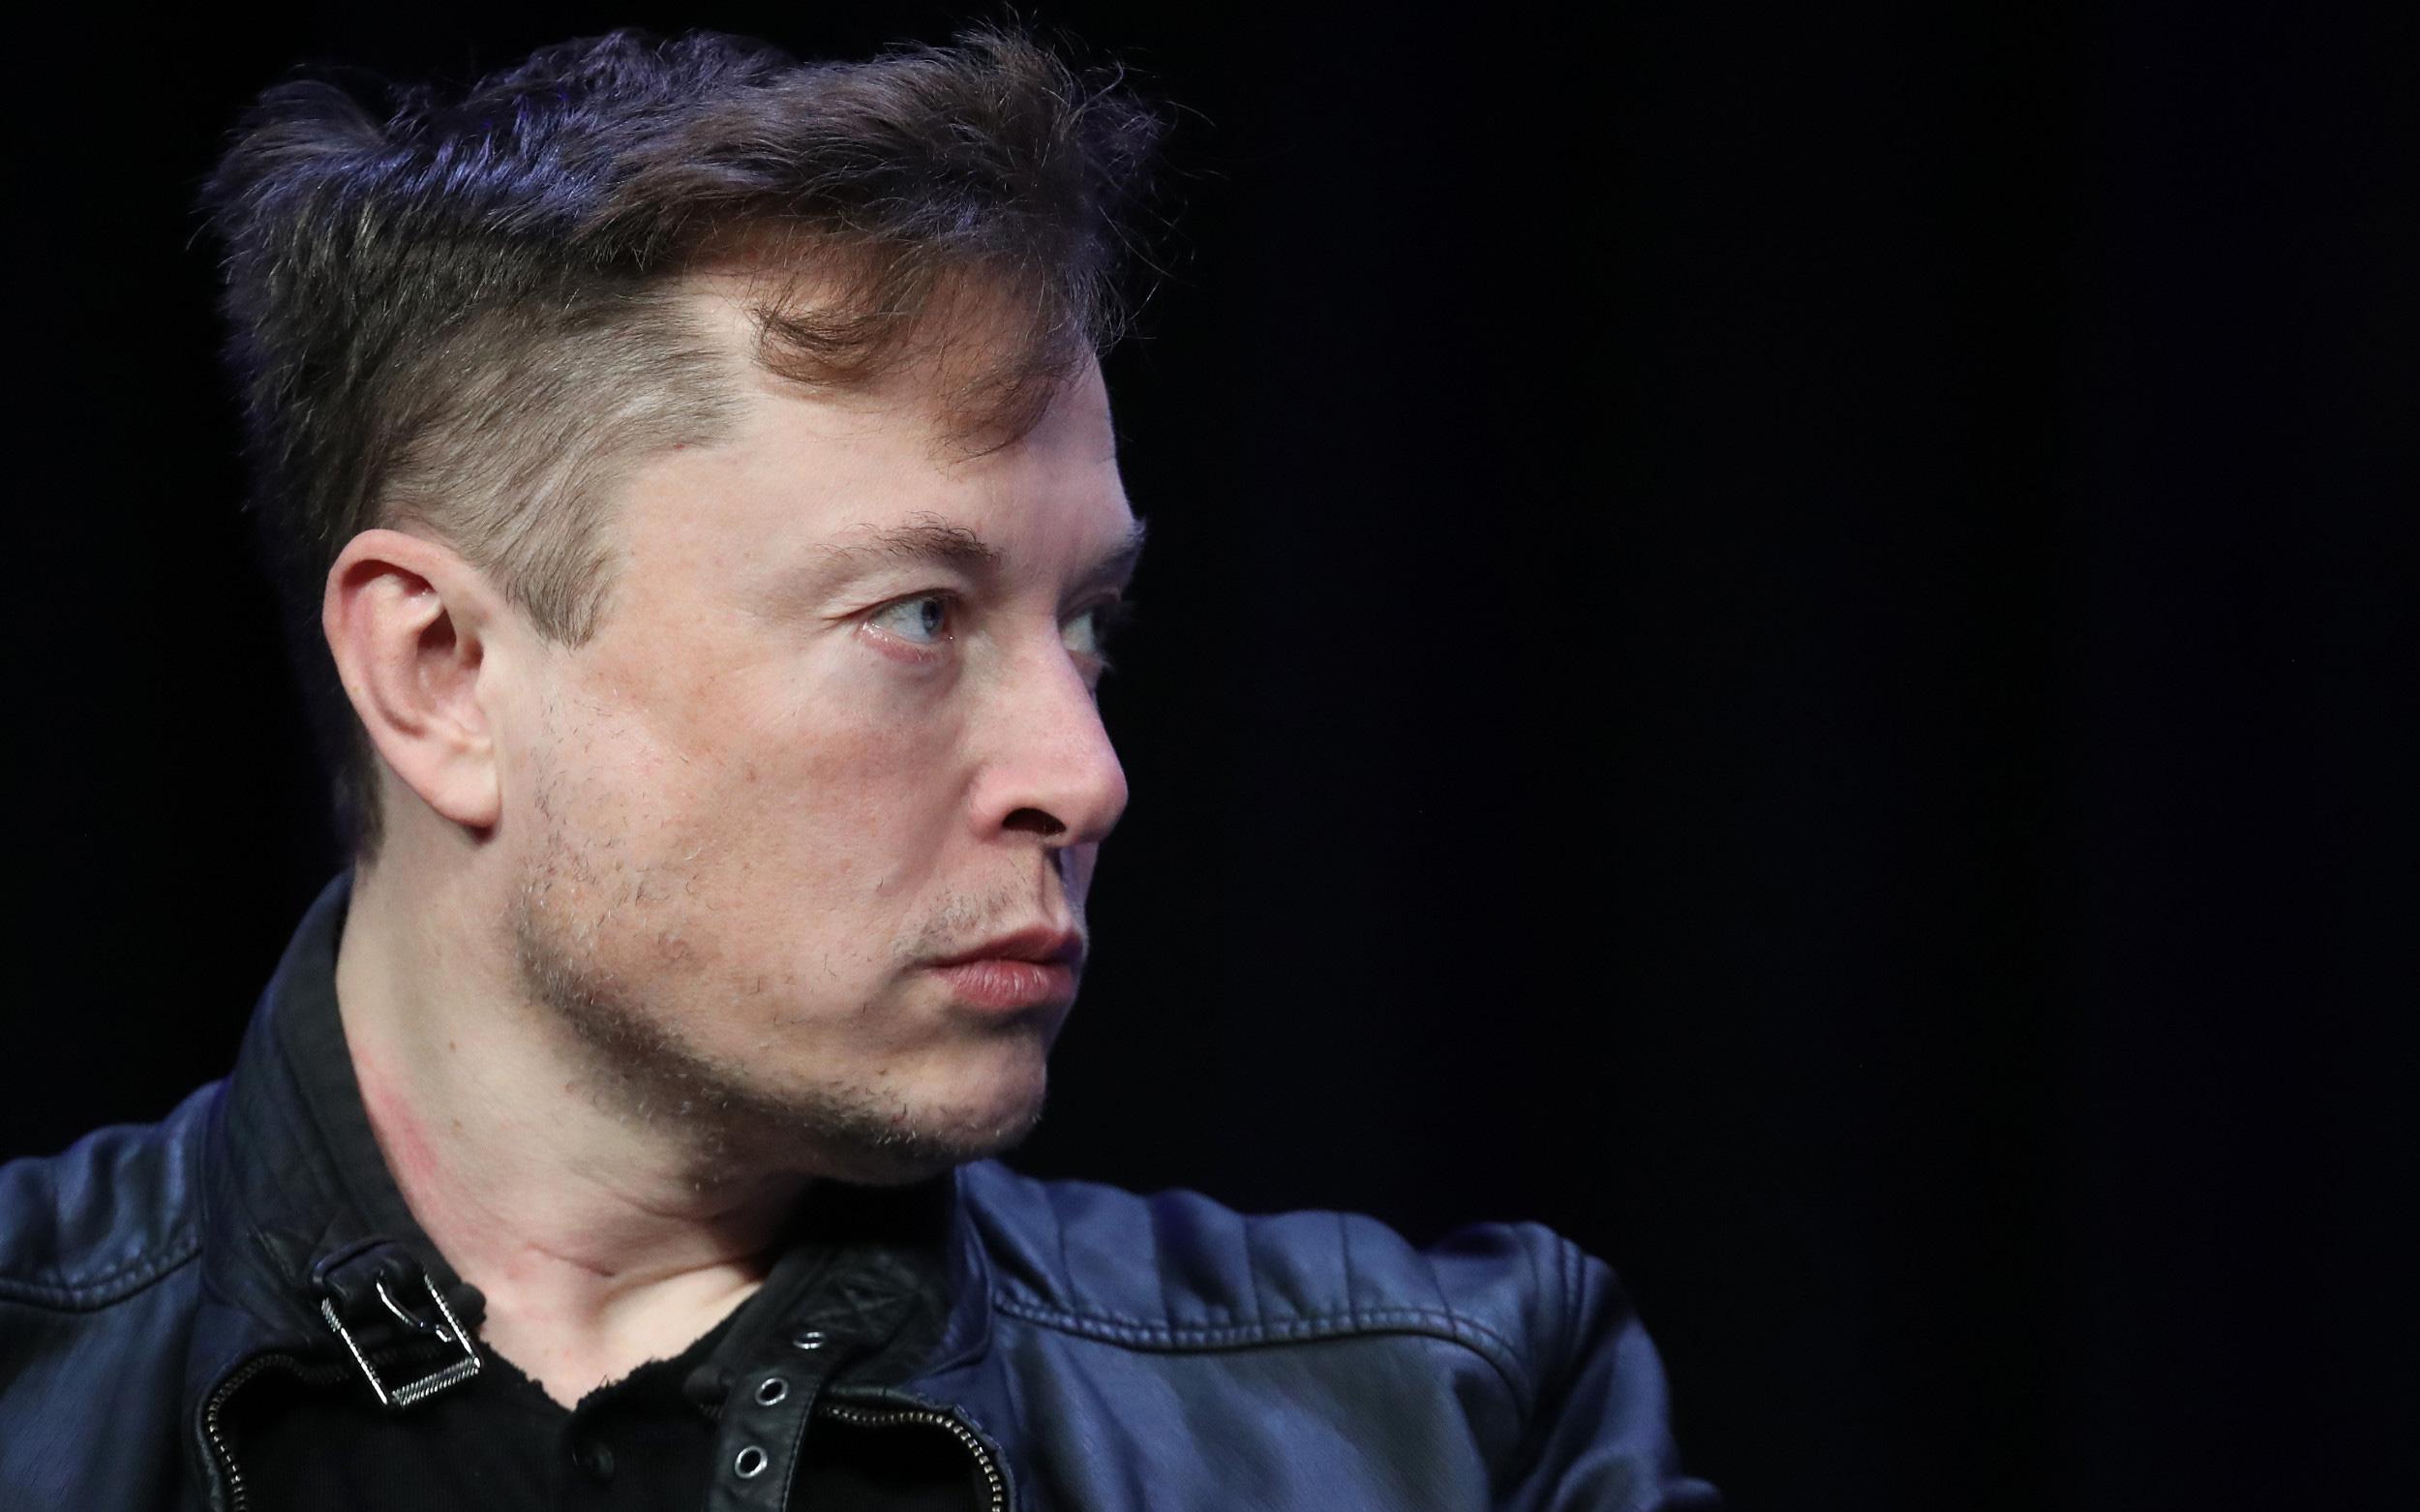 Elon Musk chửi thề khi nói về việc các nhà máy Tesla phải đóng cửa vì Covid-19